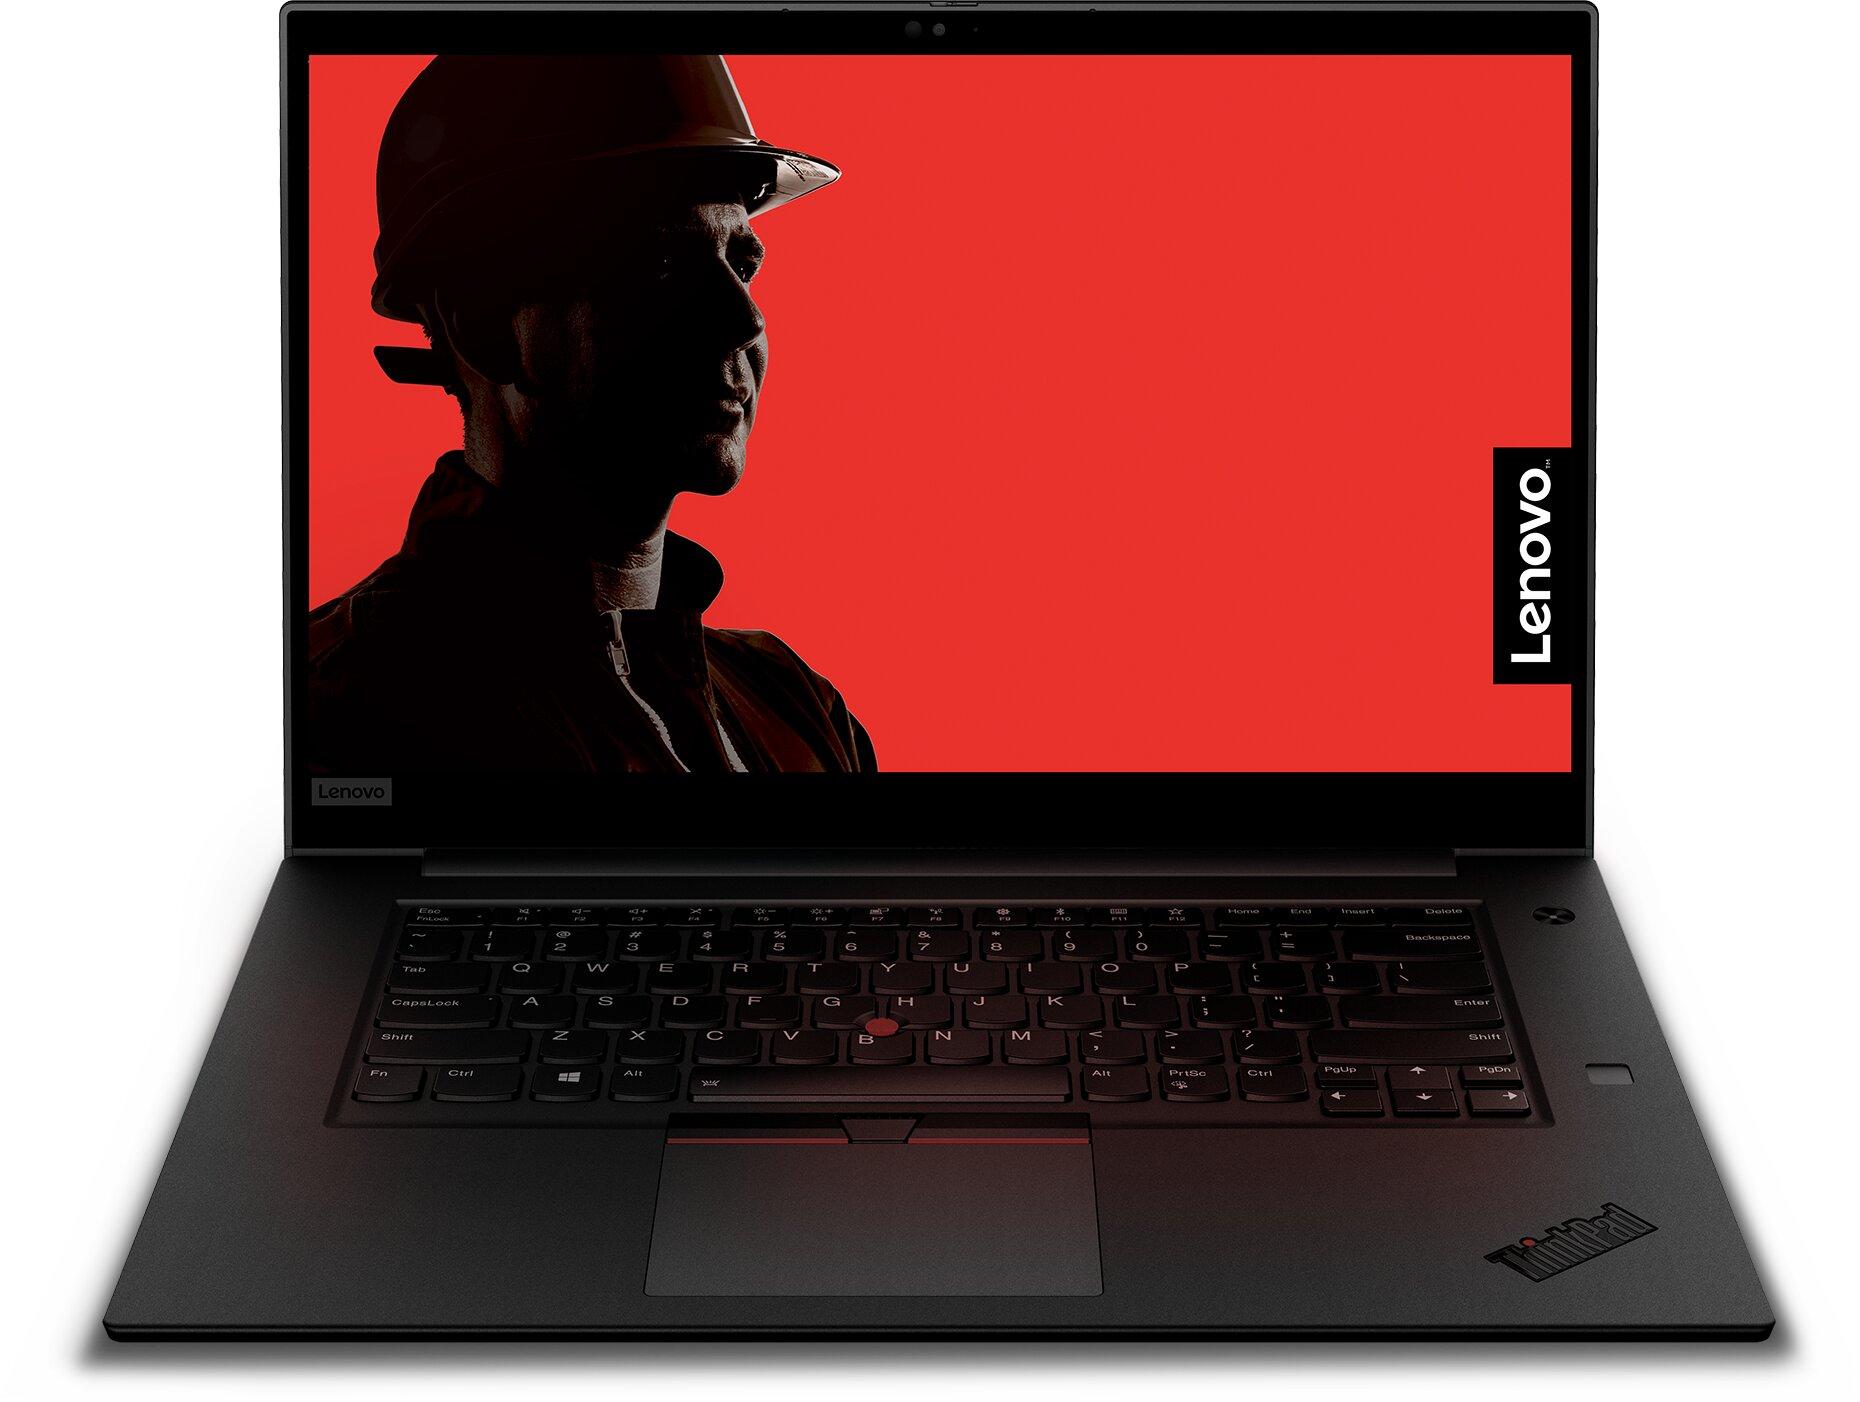 Lenovo ThinkPad P1 2nd